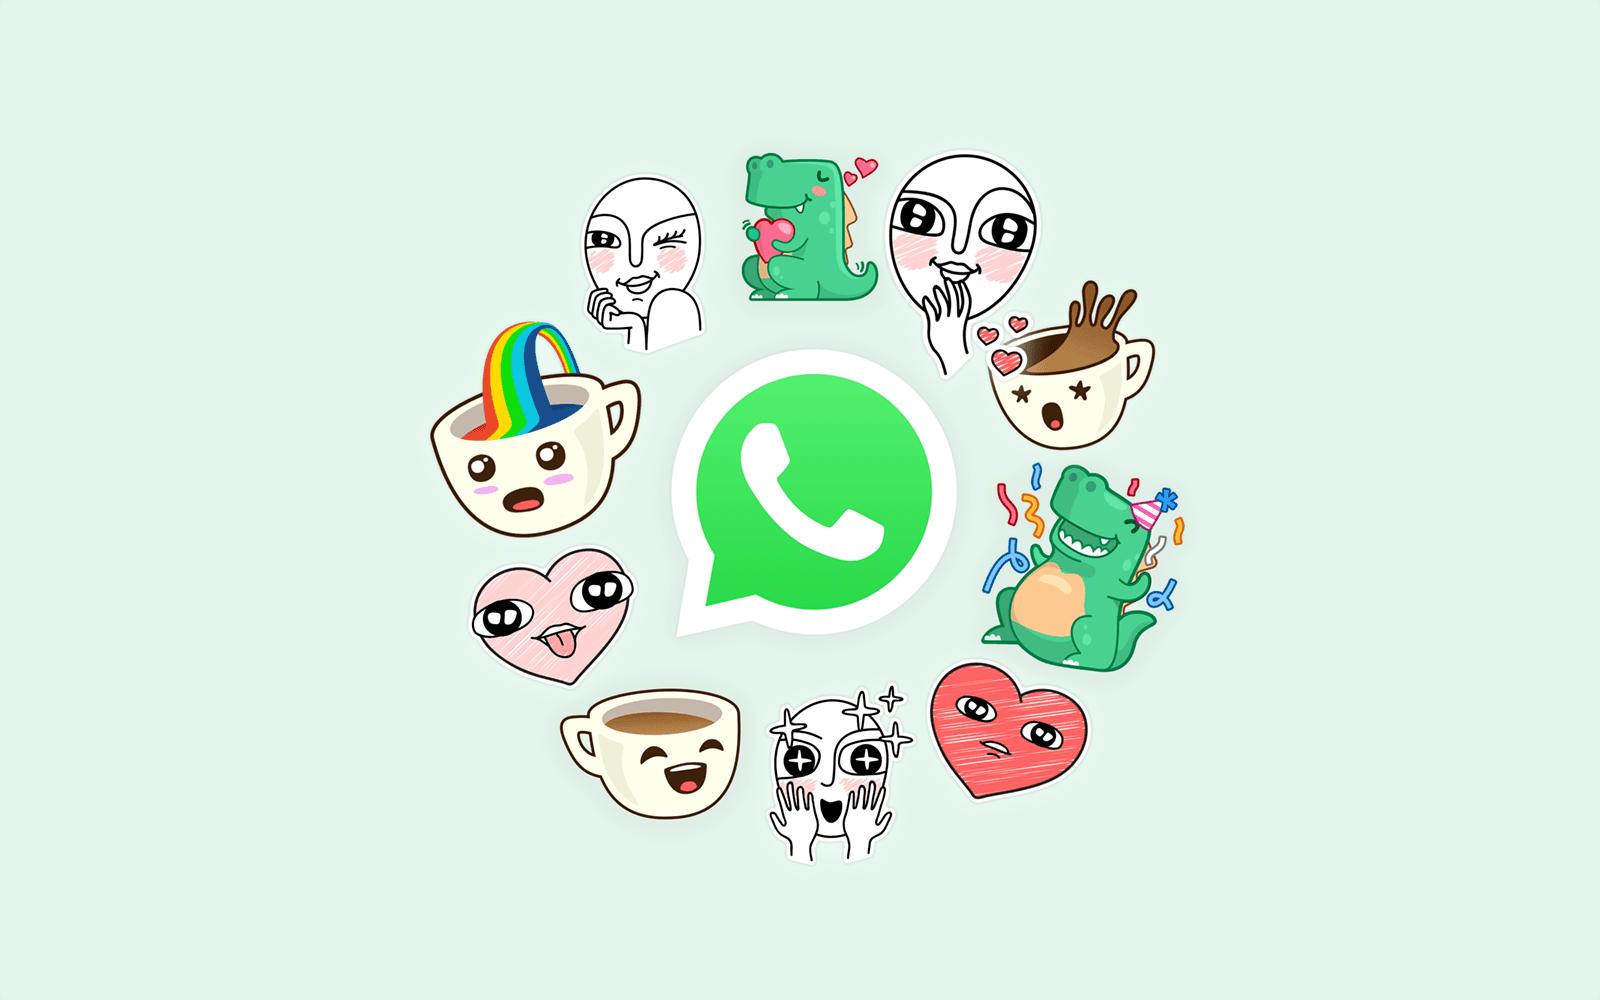 Dziwne, ale WhatsApp rzeczywiście nie miał dotąd tej funkcji - komunikator w końcu obsługuje naklejki 25